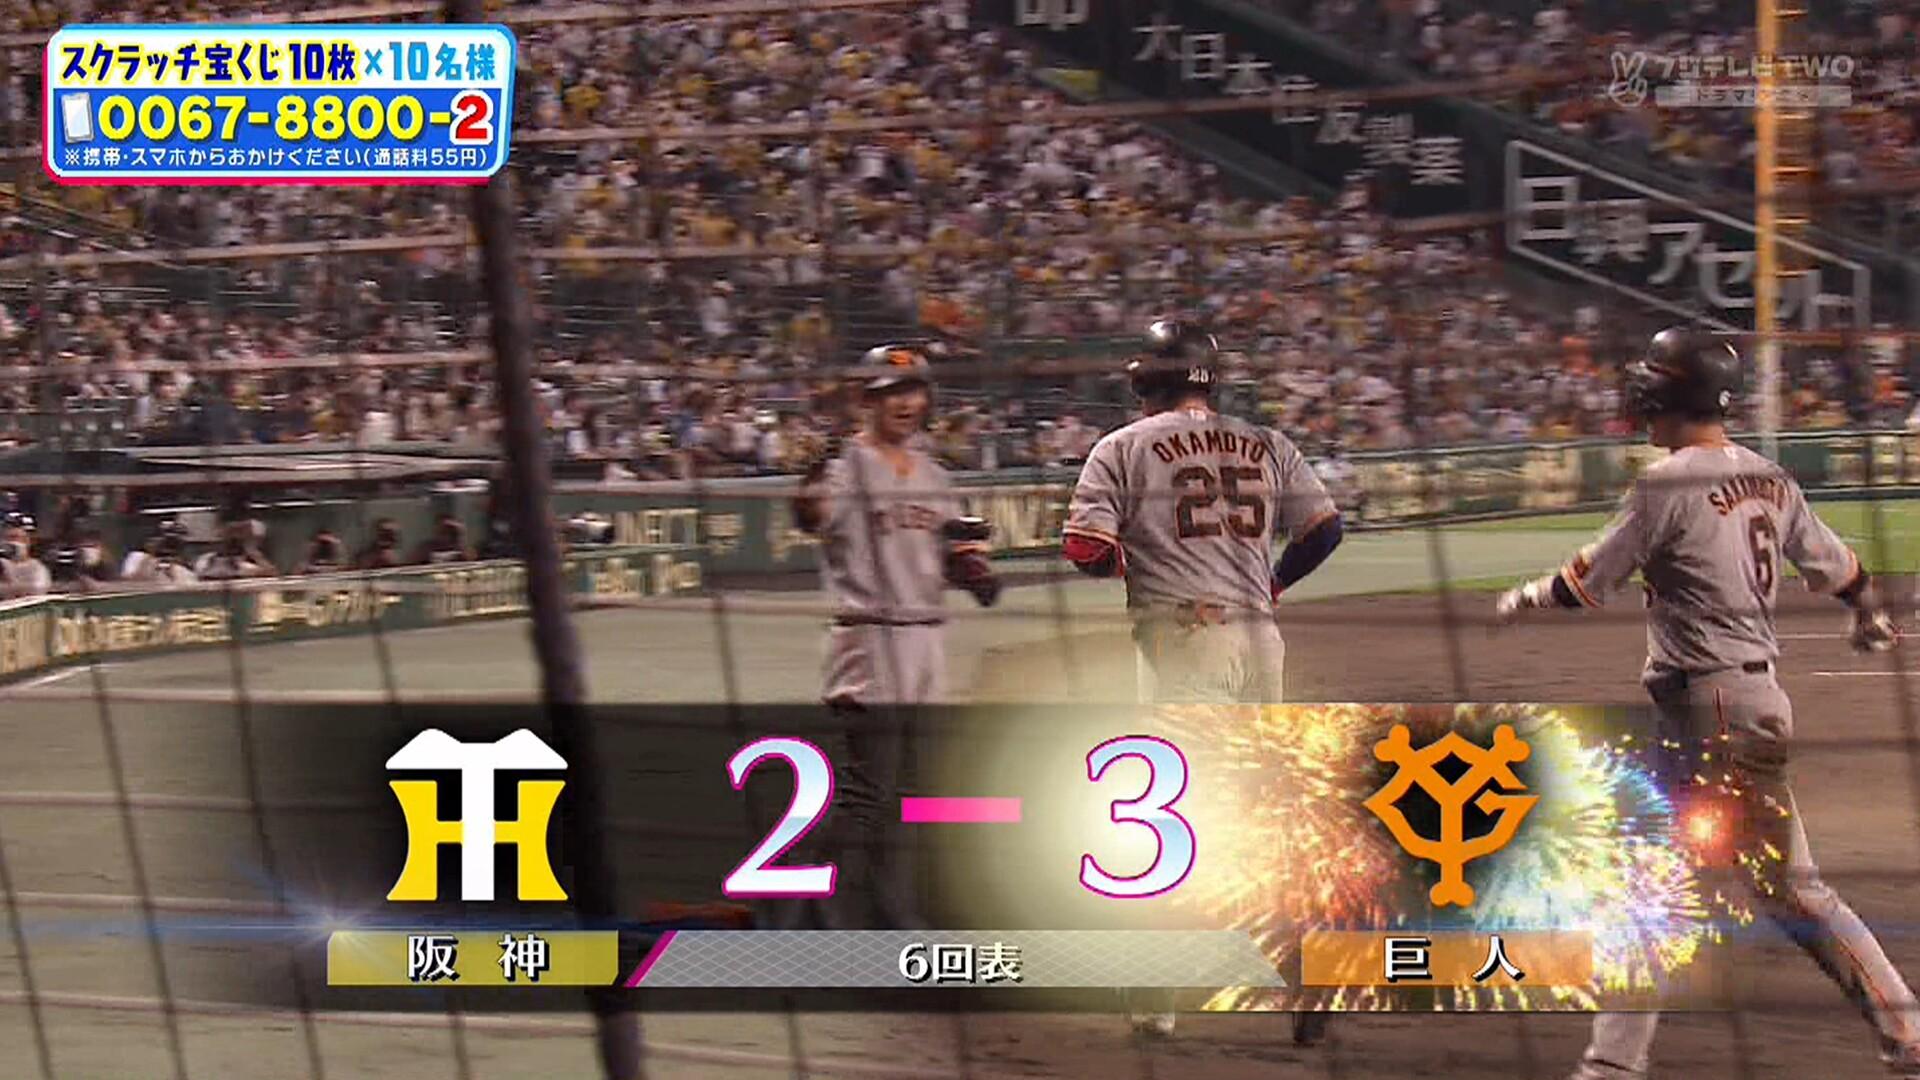 巨人・岡本、自己最多を更新する34号逆転ツーラン